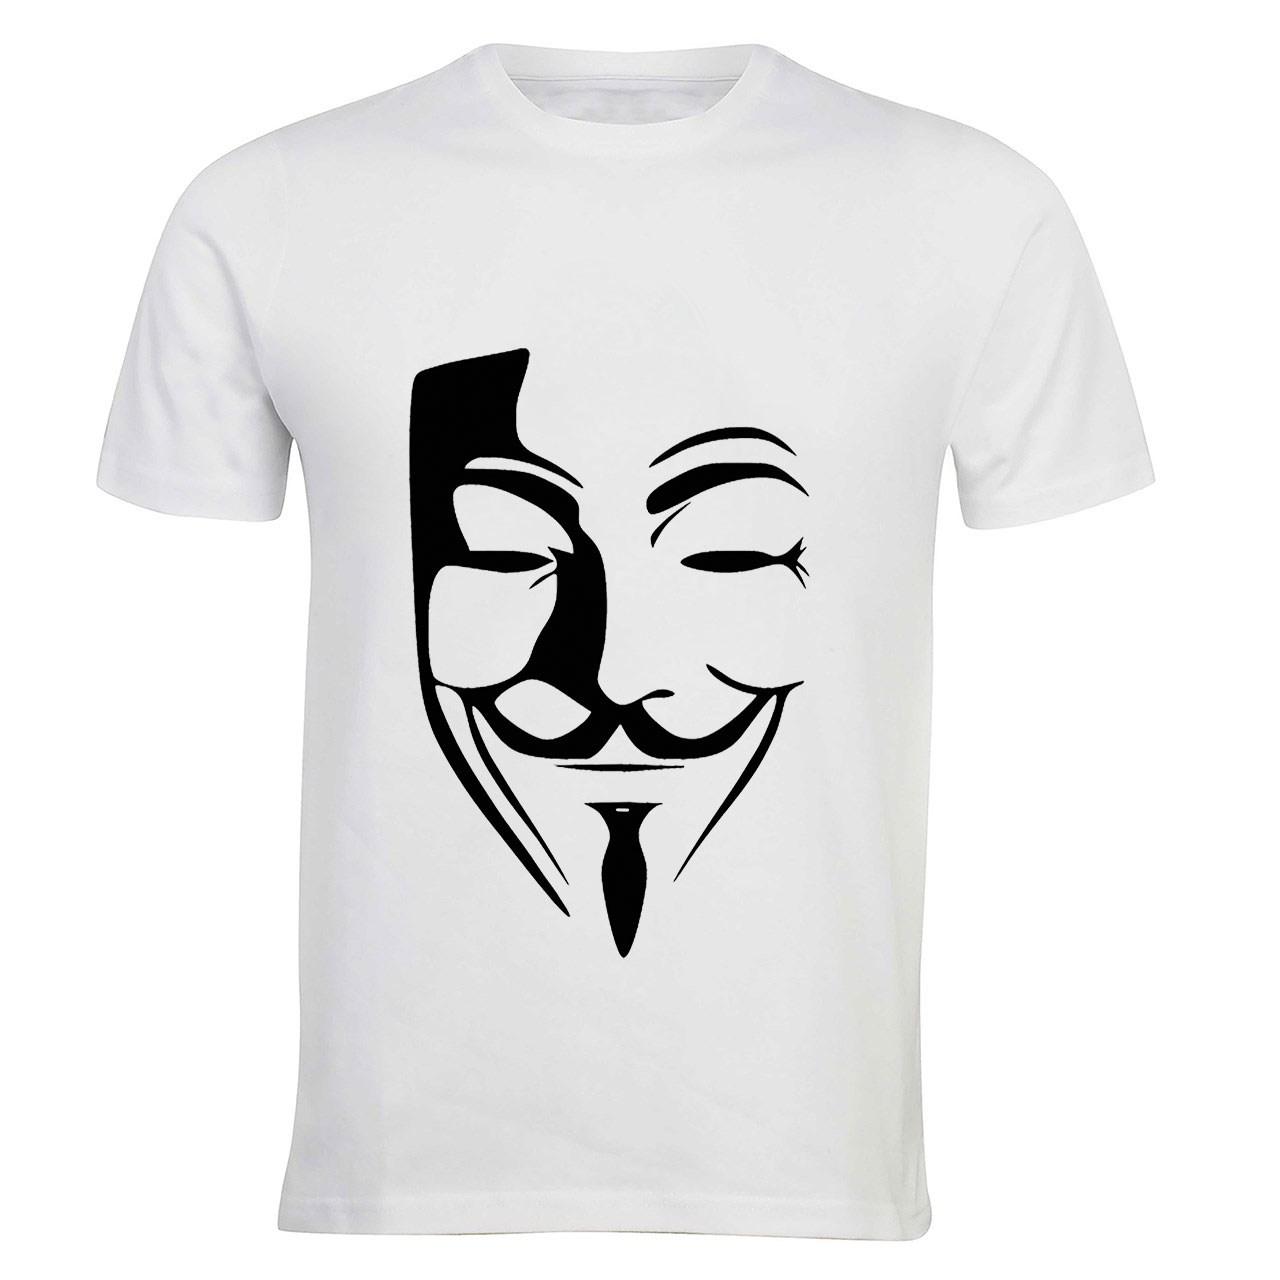 تی شرت آستین کوتاه مردانه زیزیپ کد 1374T